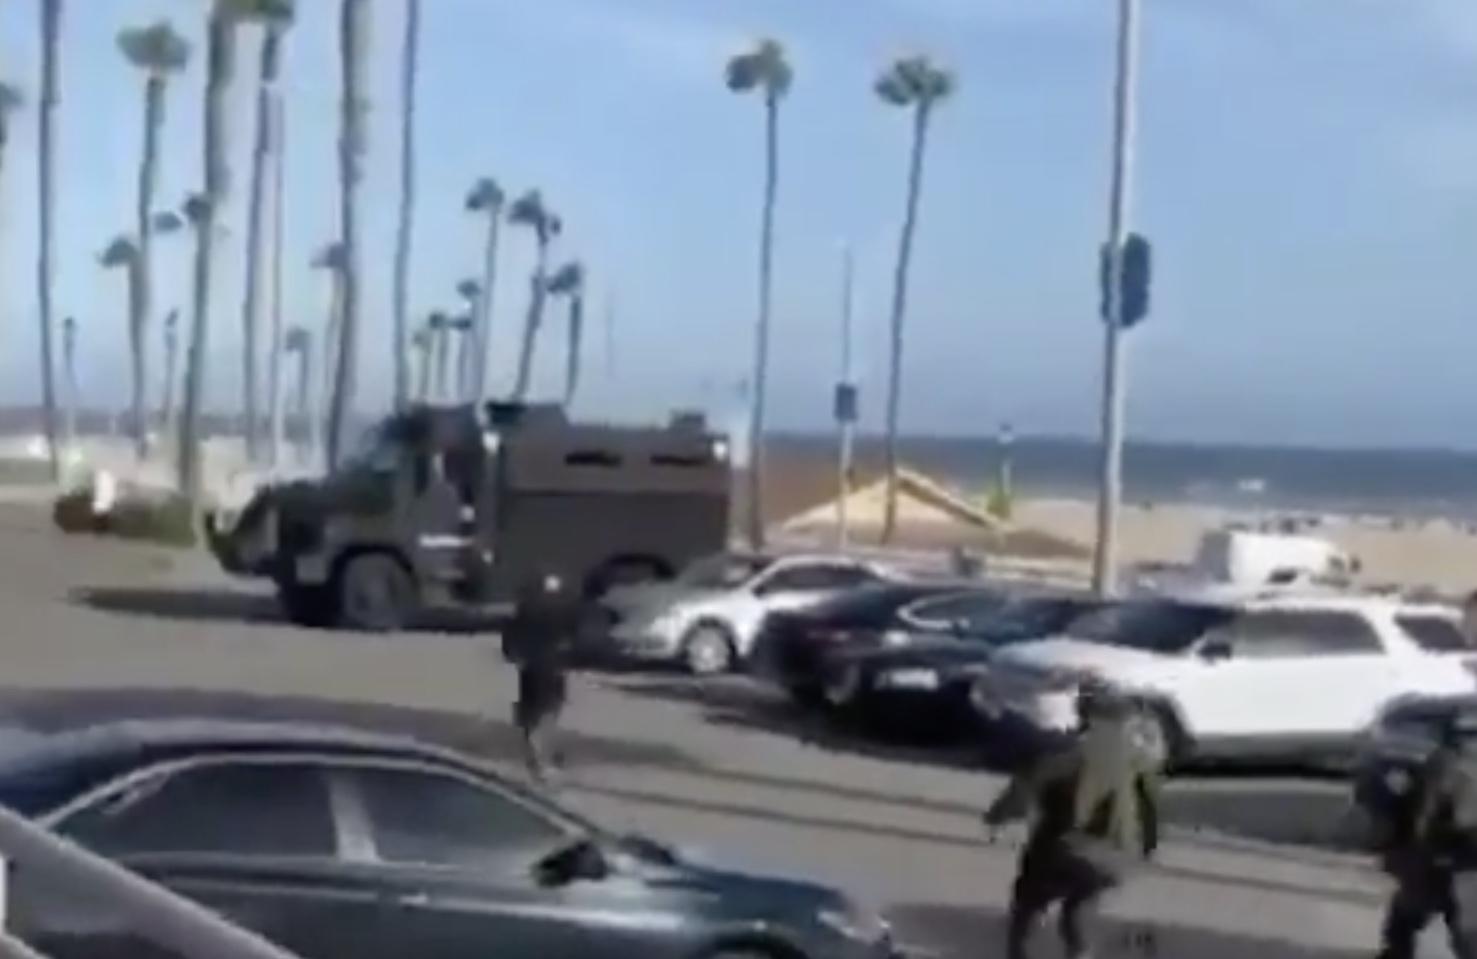 Αμερική: Απίστευτη απόδραση διαδηλωτή που είχε συλληφθεί.